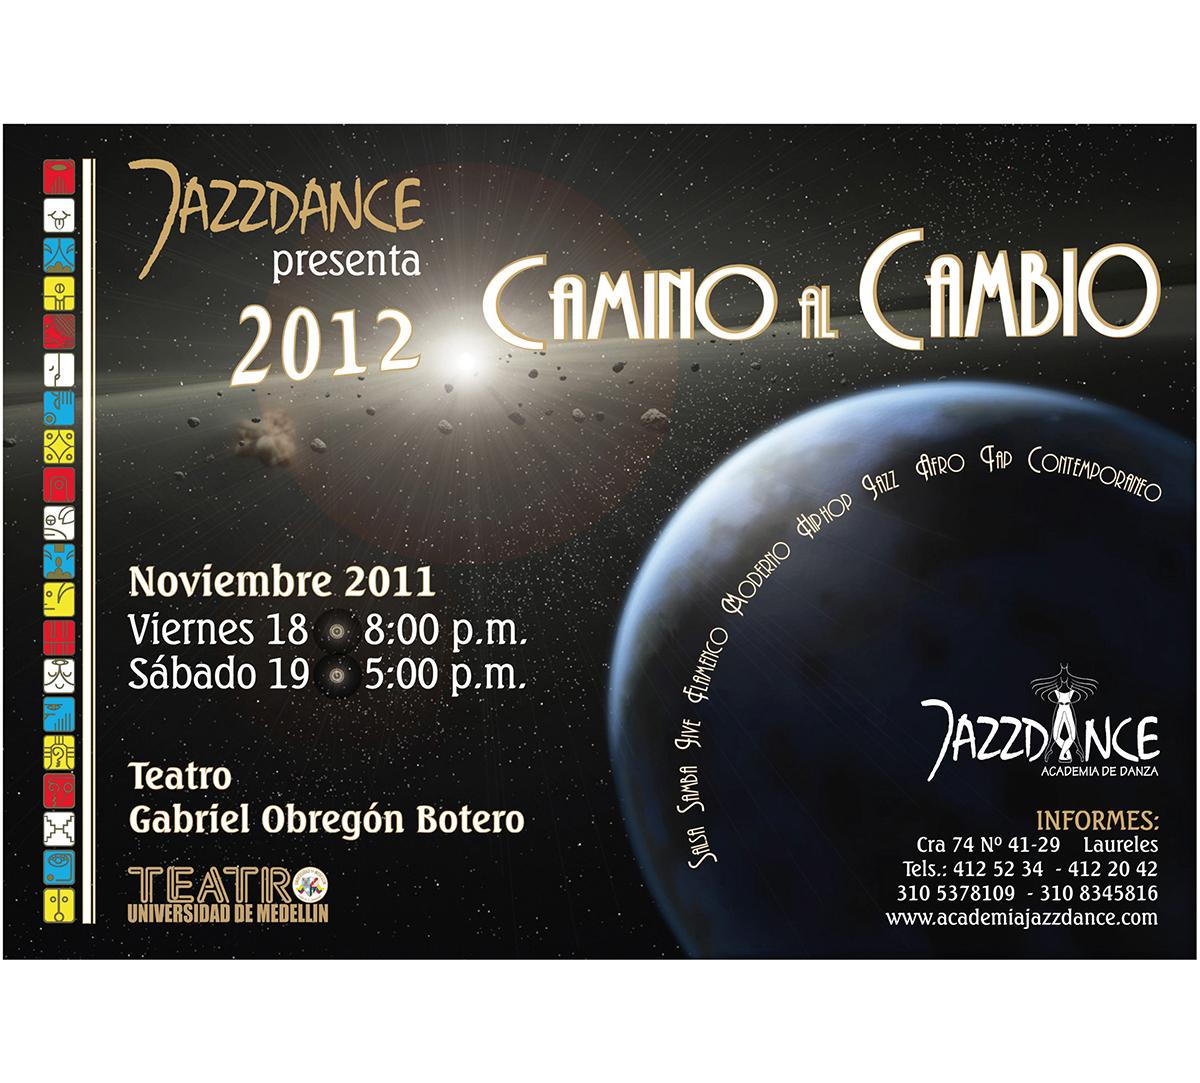 JAZZDANCE_afiche_2011